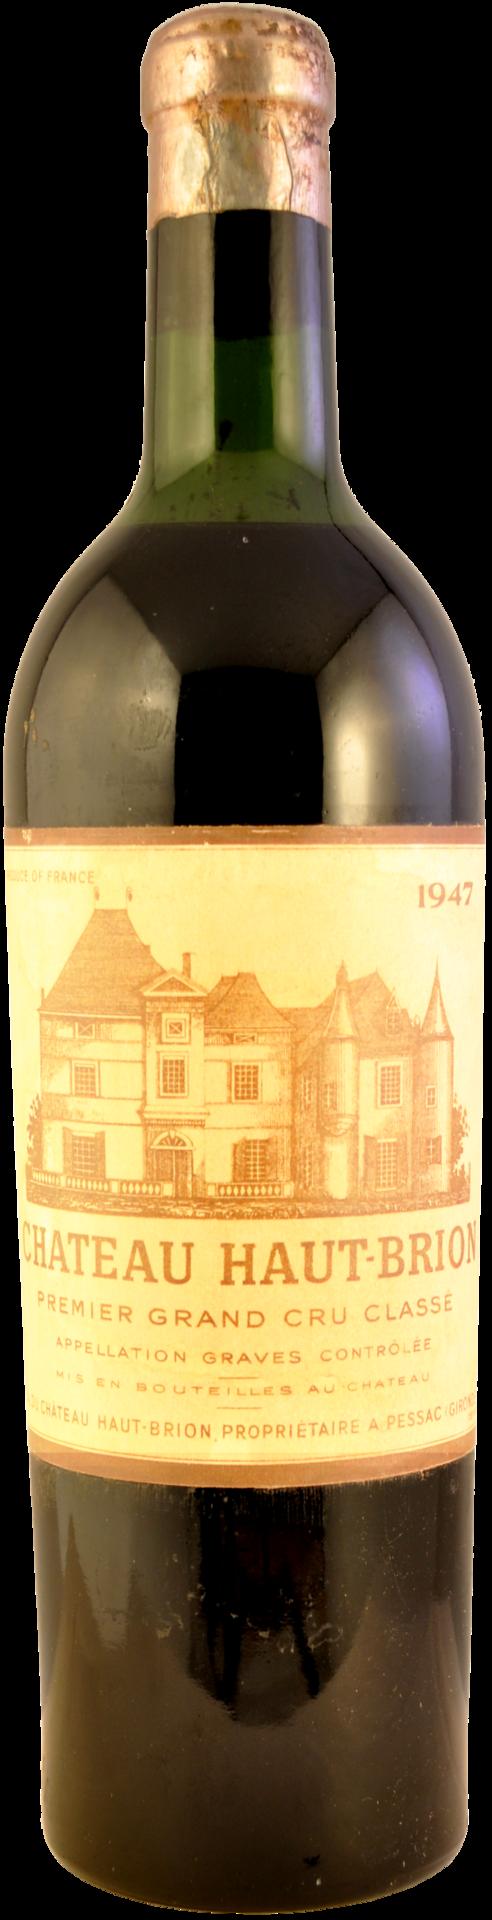 1947 75CL Chateau Haut-Brion Chateau Haut-Brion